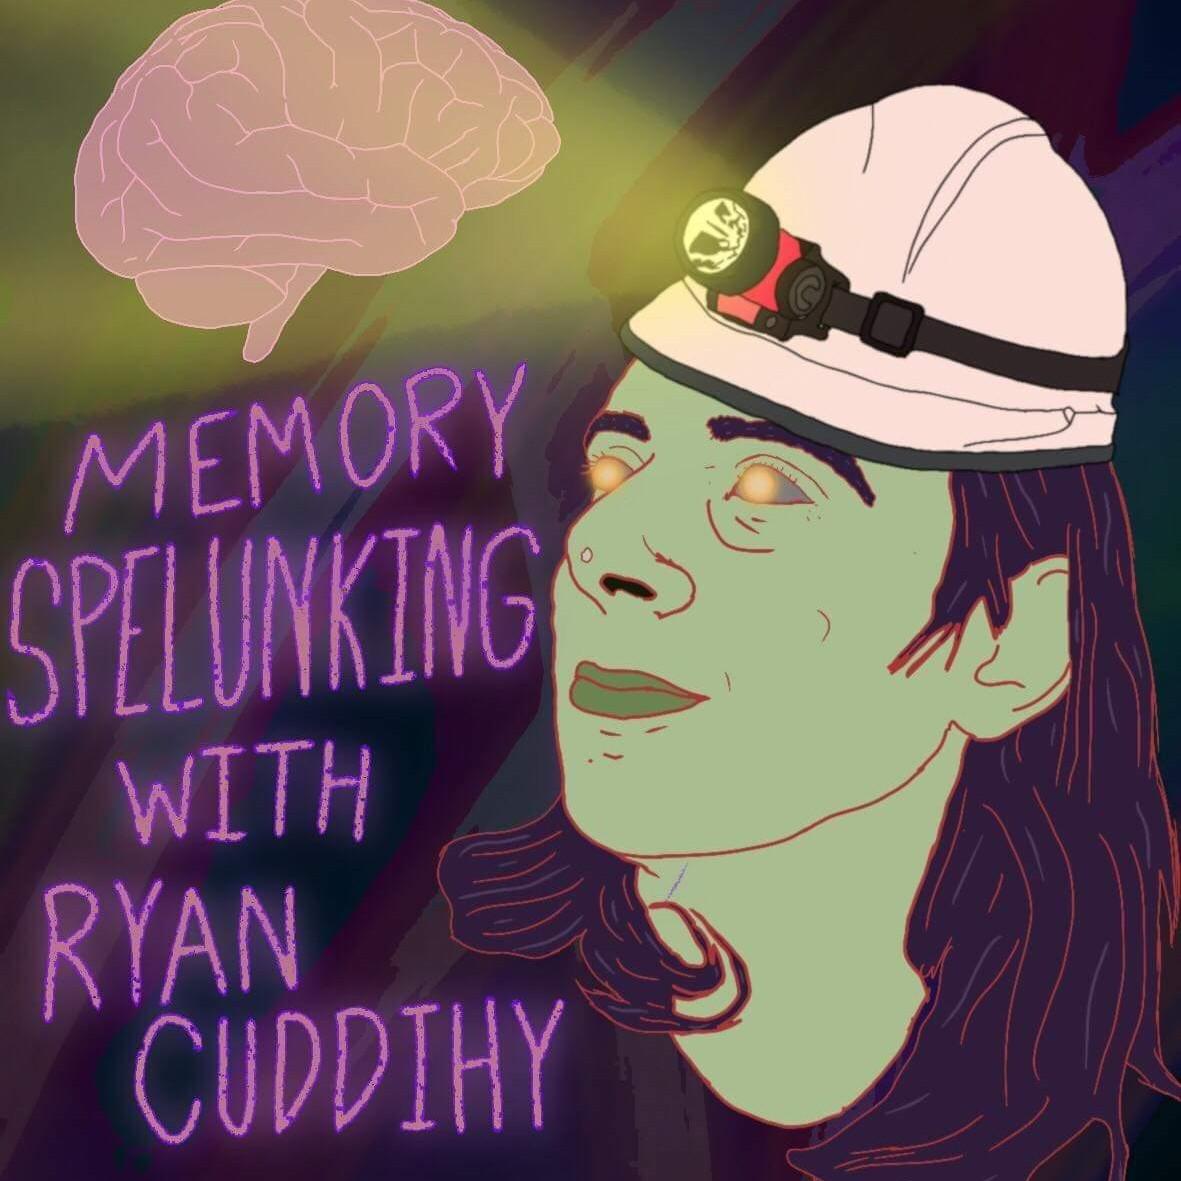 """""""Exploritory Kicking"""" Memory Spelunk with Ryan Cuddihy"""